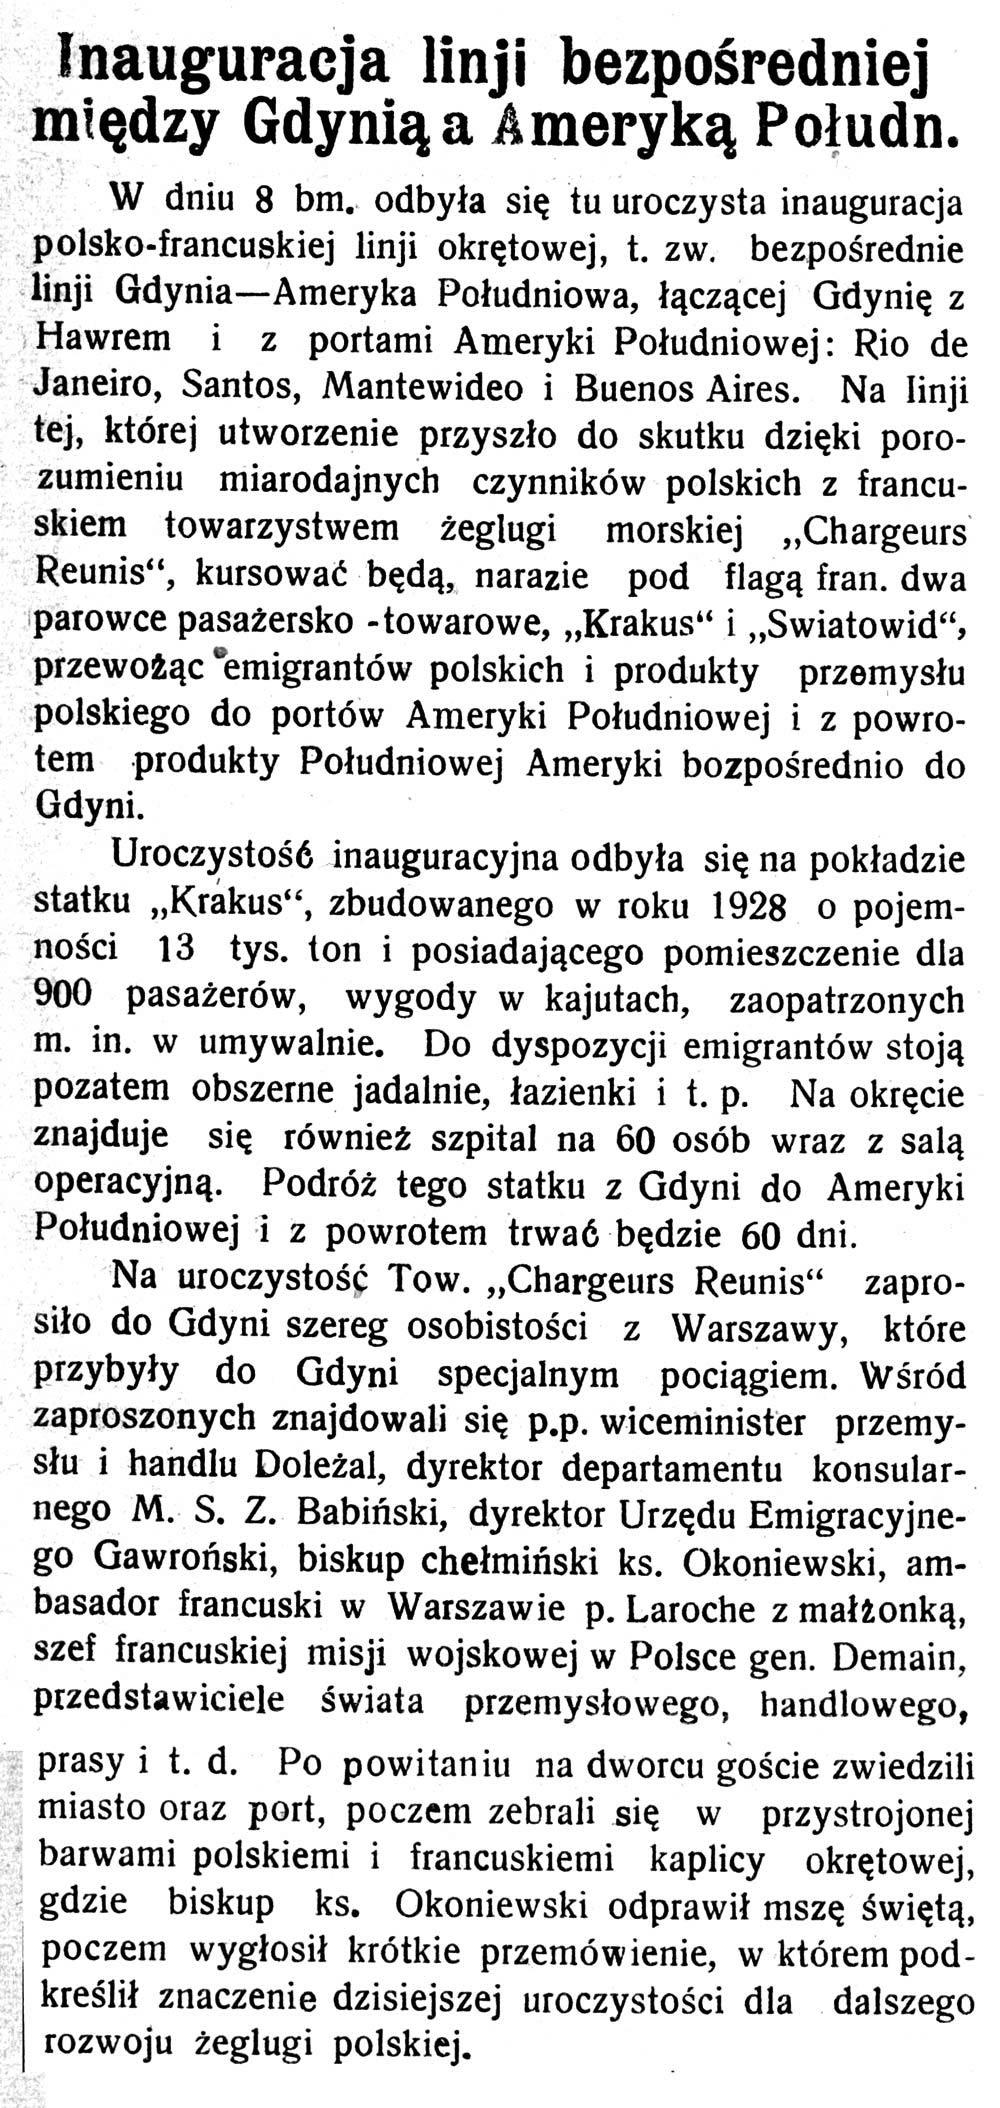 Inauguracja linji bezpośredniej między Gdynią a Ameryką Połudn. Pomorzanin-1928-nr-107,-s.-3